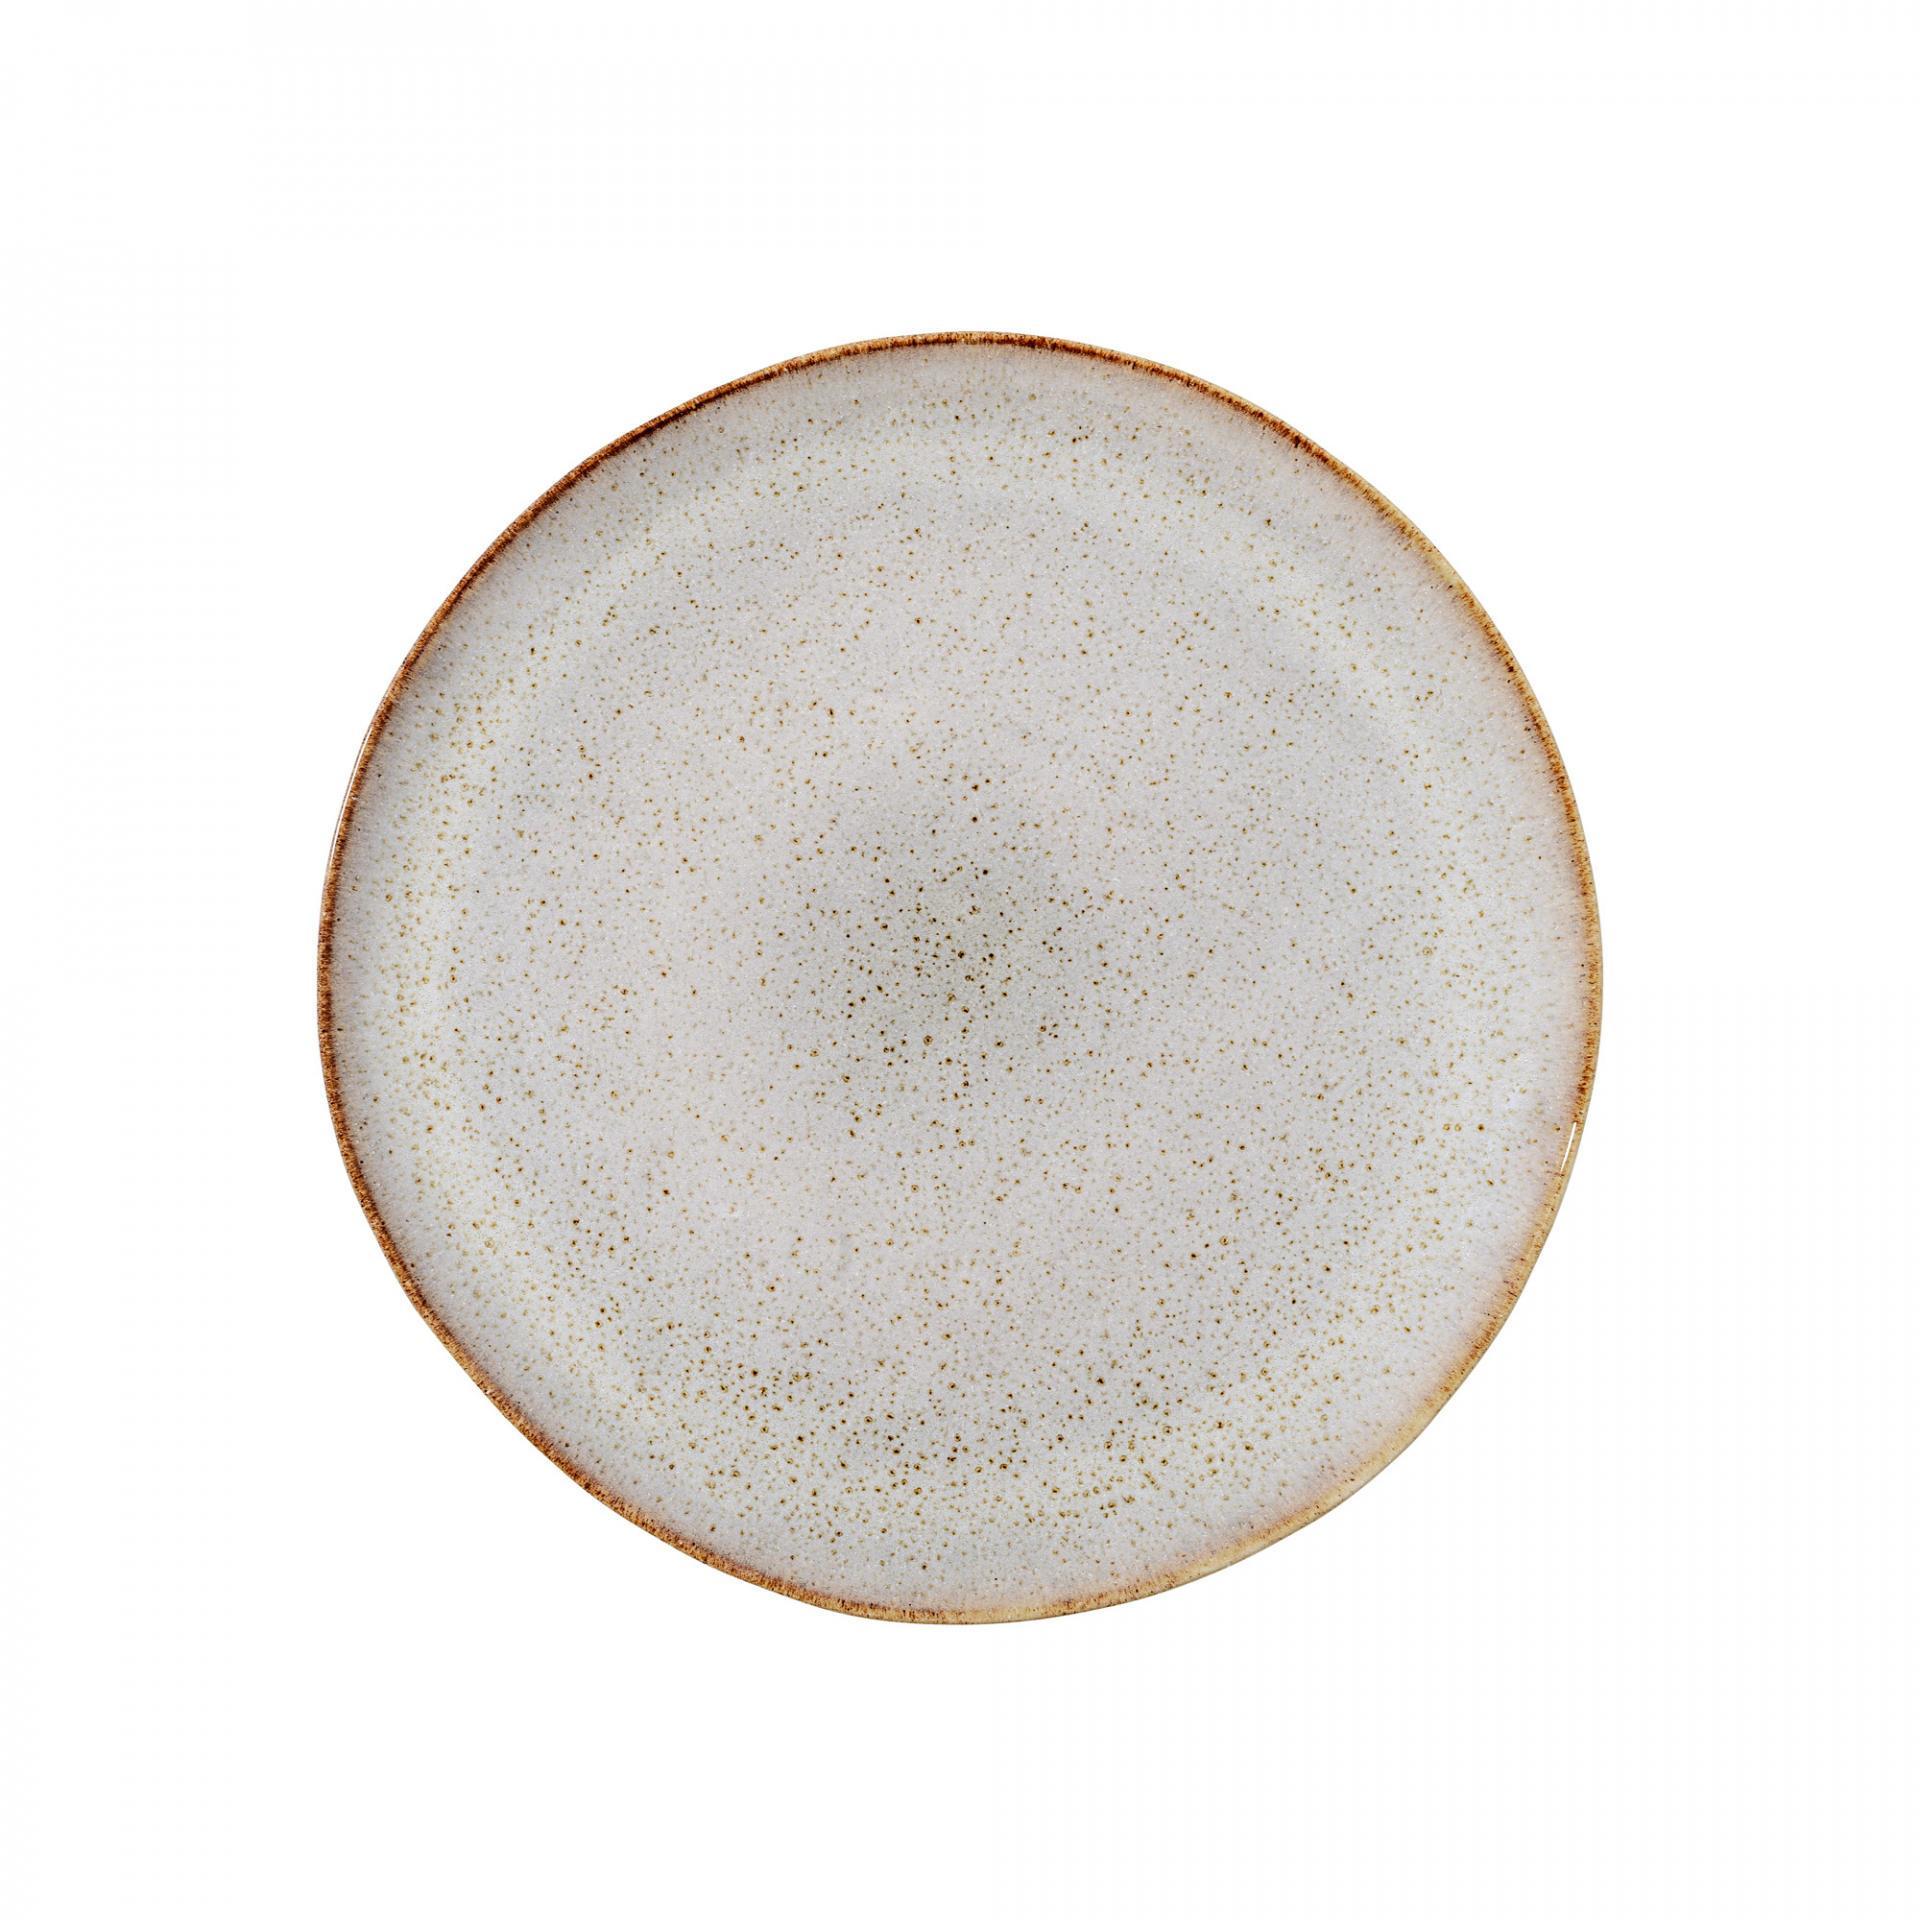 Bloomingville Dezertní talíř Sandrine Light grey, béžová barva, šedá barva, hnědá barva, keramika